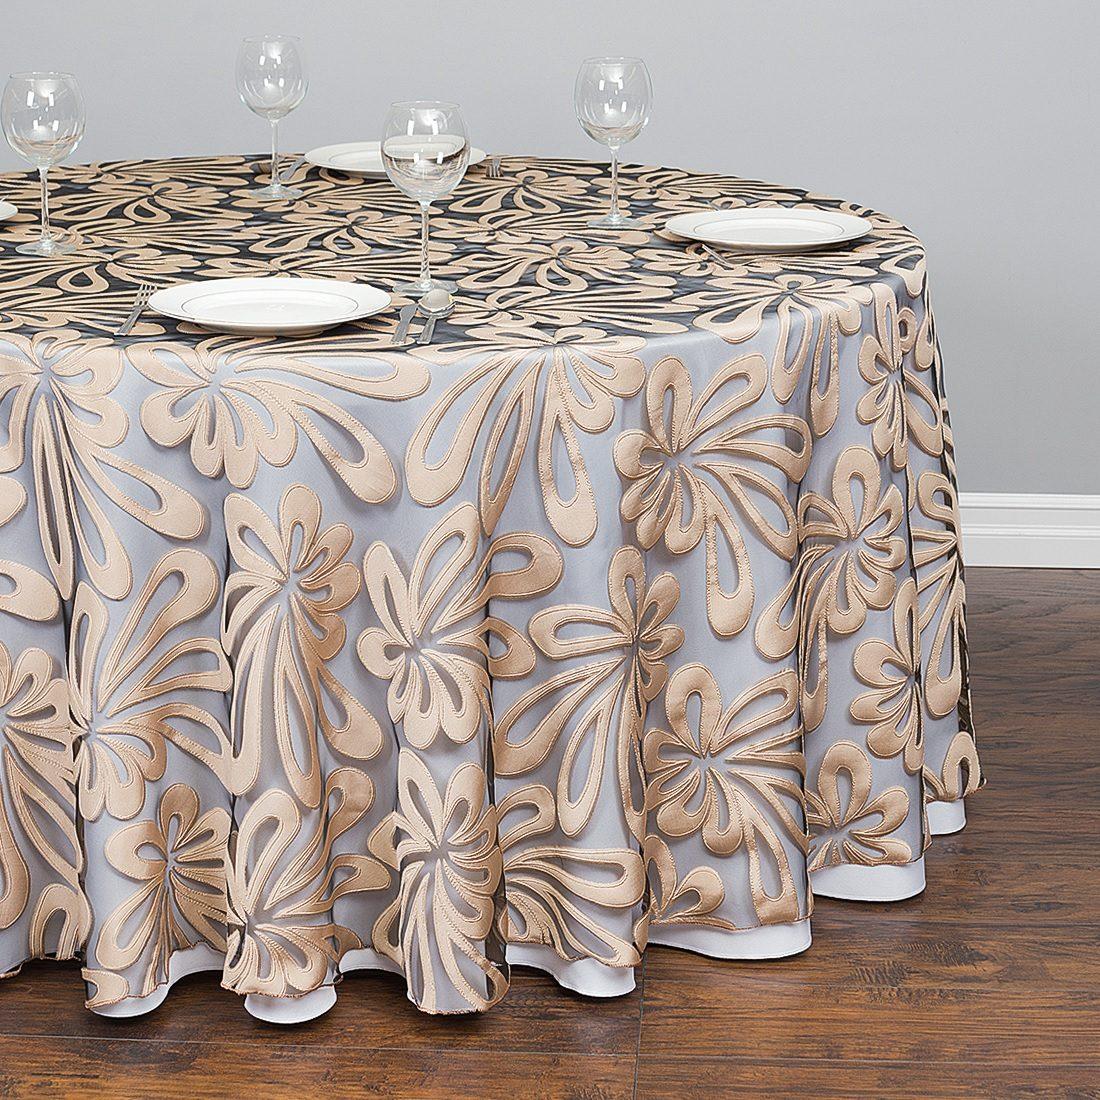 زیر میزی یا رومیزی ! مسئله این است.